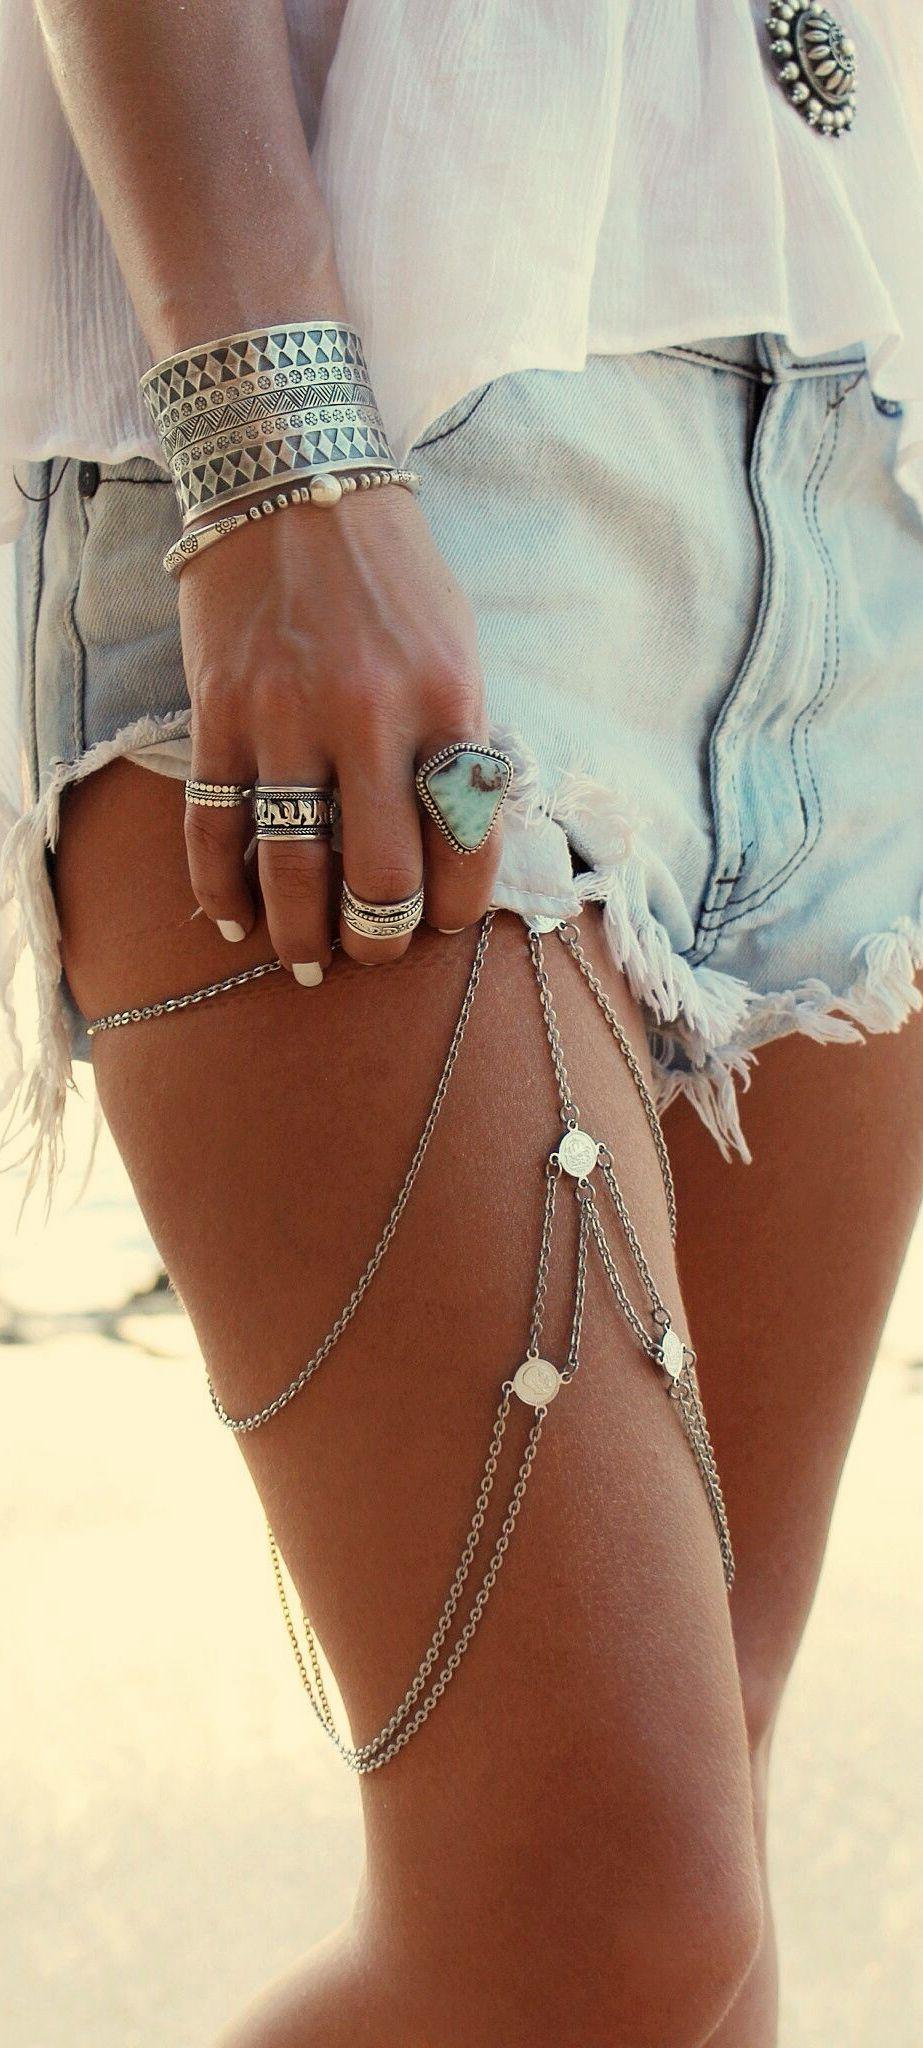 #Bohostyle: acessório para a perna, braceletes, anéis e jeans, uma combinação…